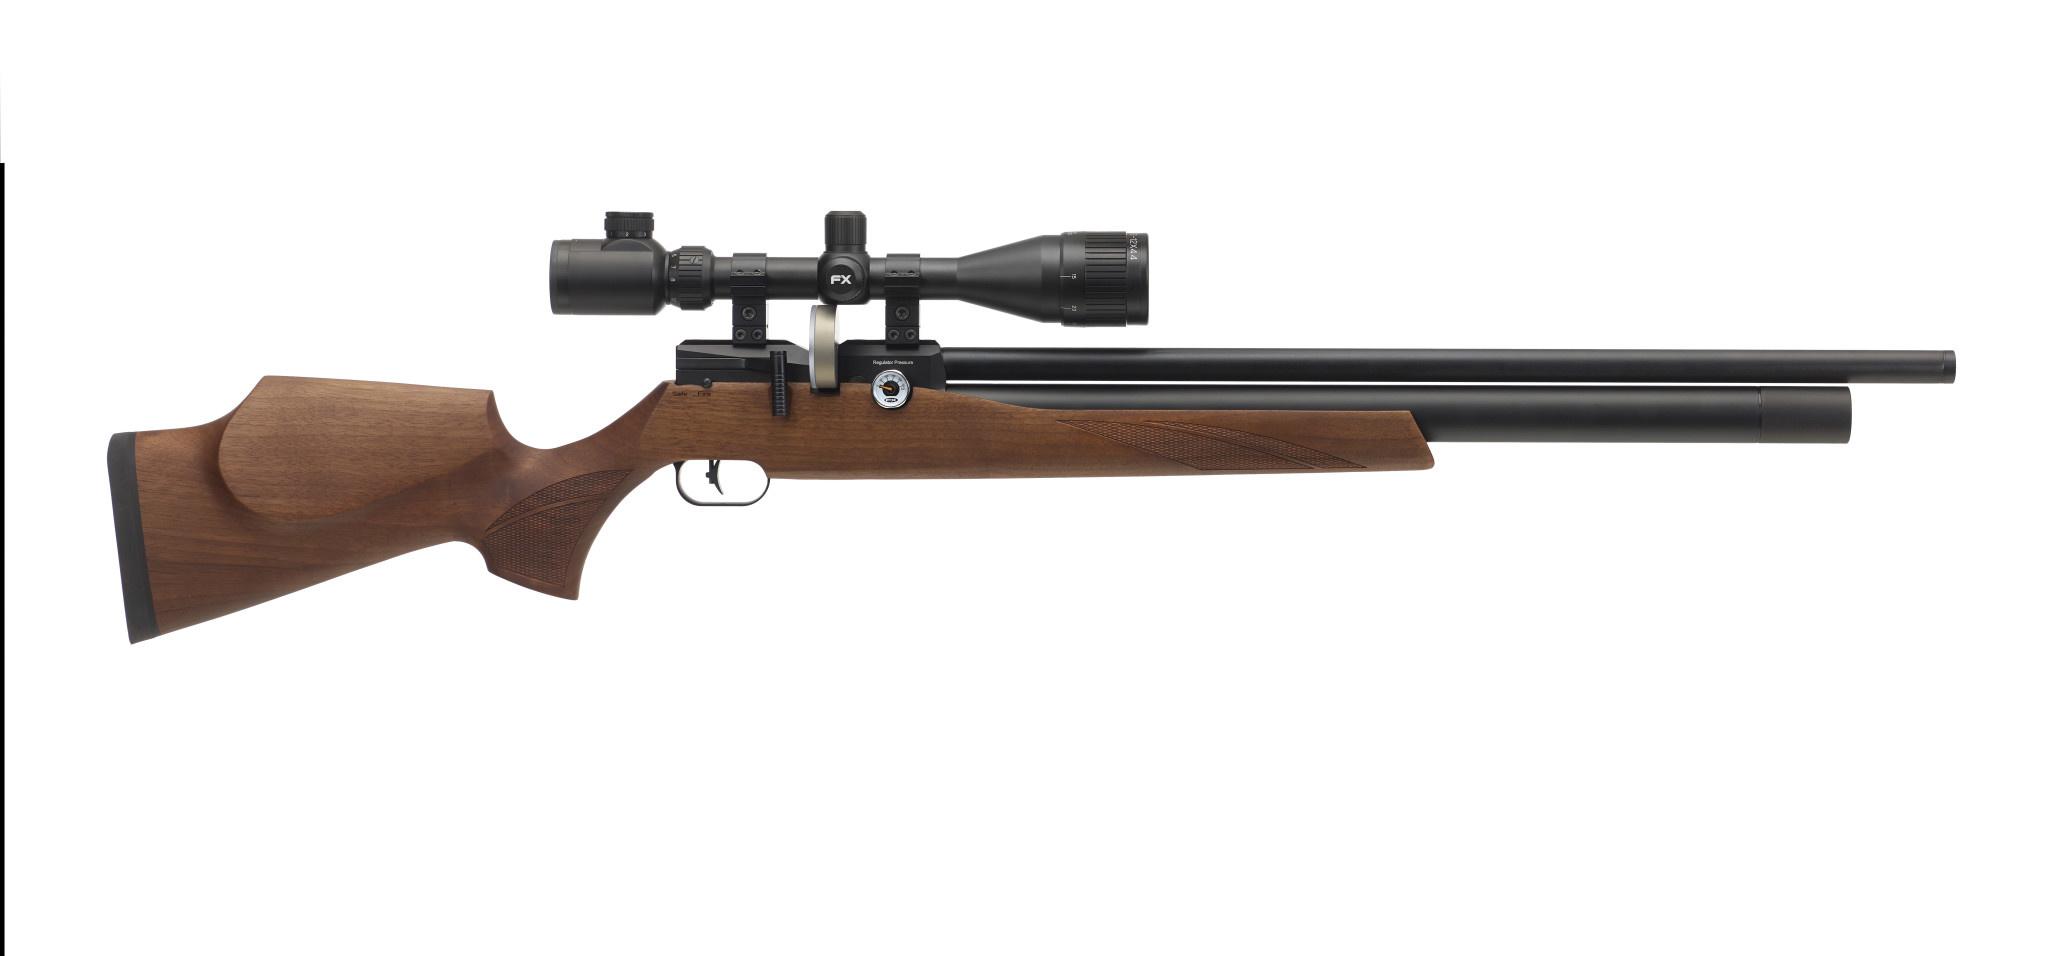 Fx Dreamline Classic 22 Cal Walnut Airgun Source Canada